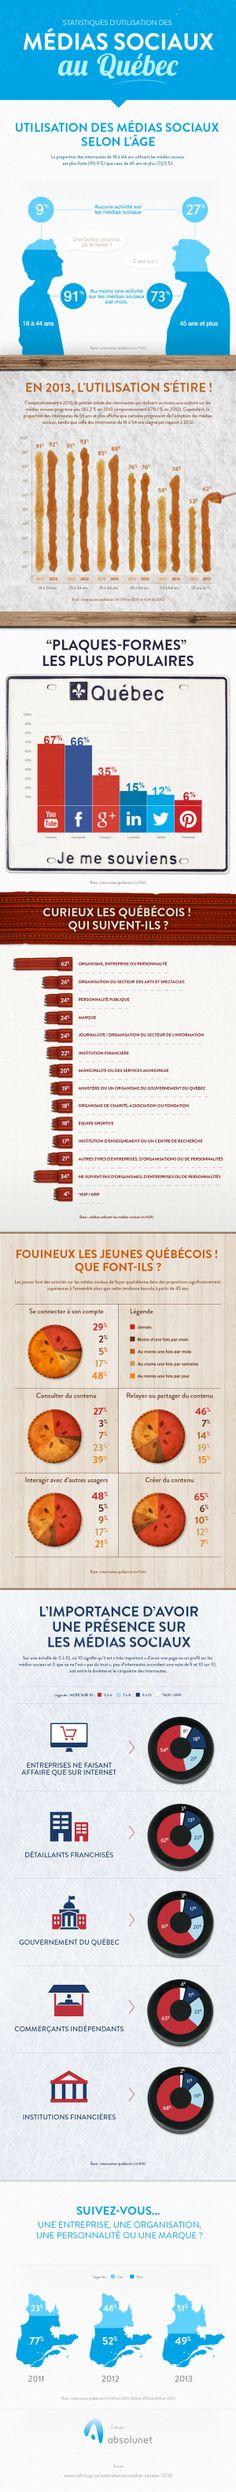 Infographique sur les médias sociaux au Québec par Yan Morissette, via Behance